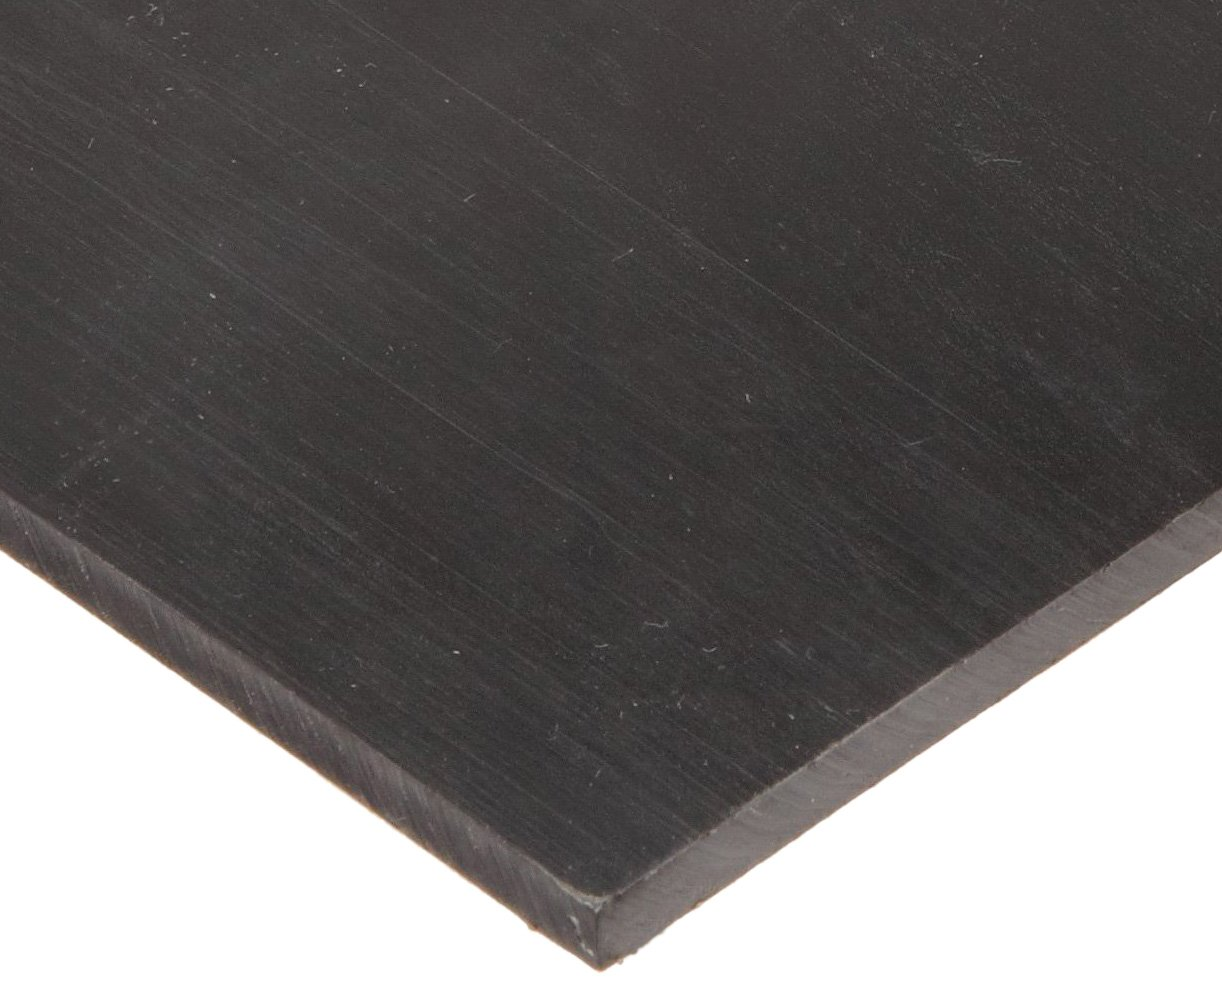 """UHMW (Ultra High Molecular Weight Polyethylene) Sheet, Opaque Black, Standard Tolerance, 1/8"""" Thickness, 24"""" Width, 48"""" Length"""